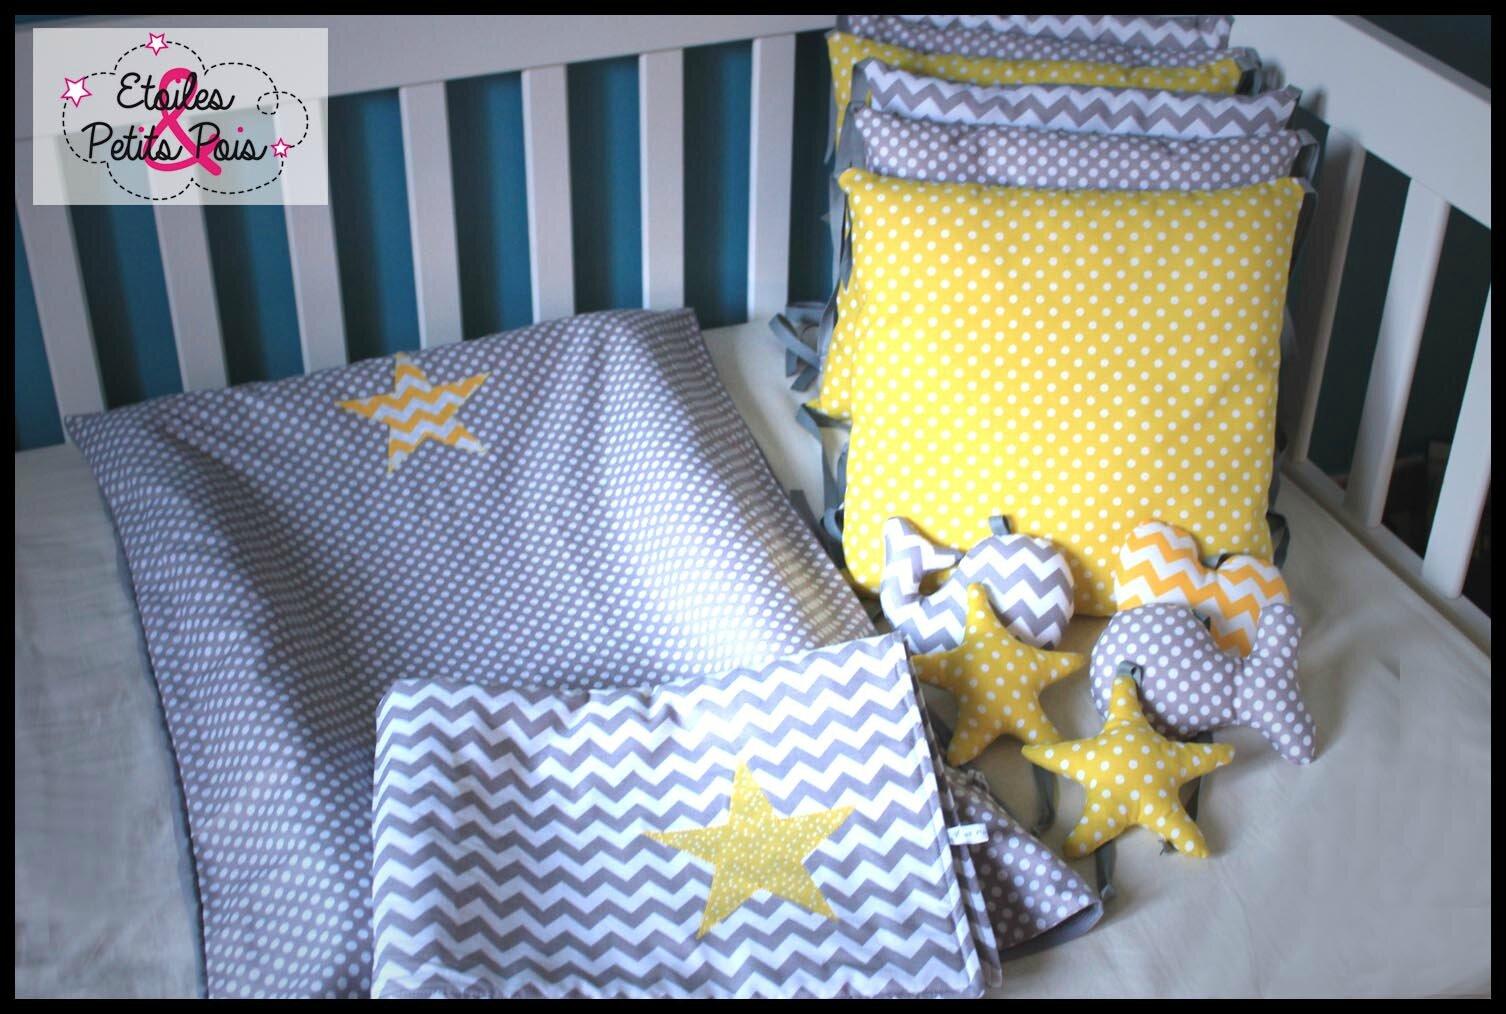 Chambre bébé et décoration en moutarde jaune et gris - Etoiles et ...